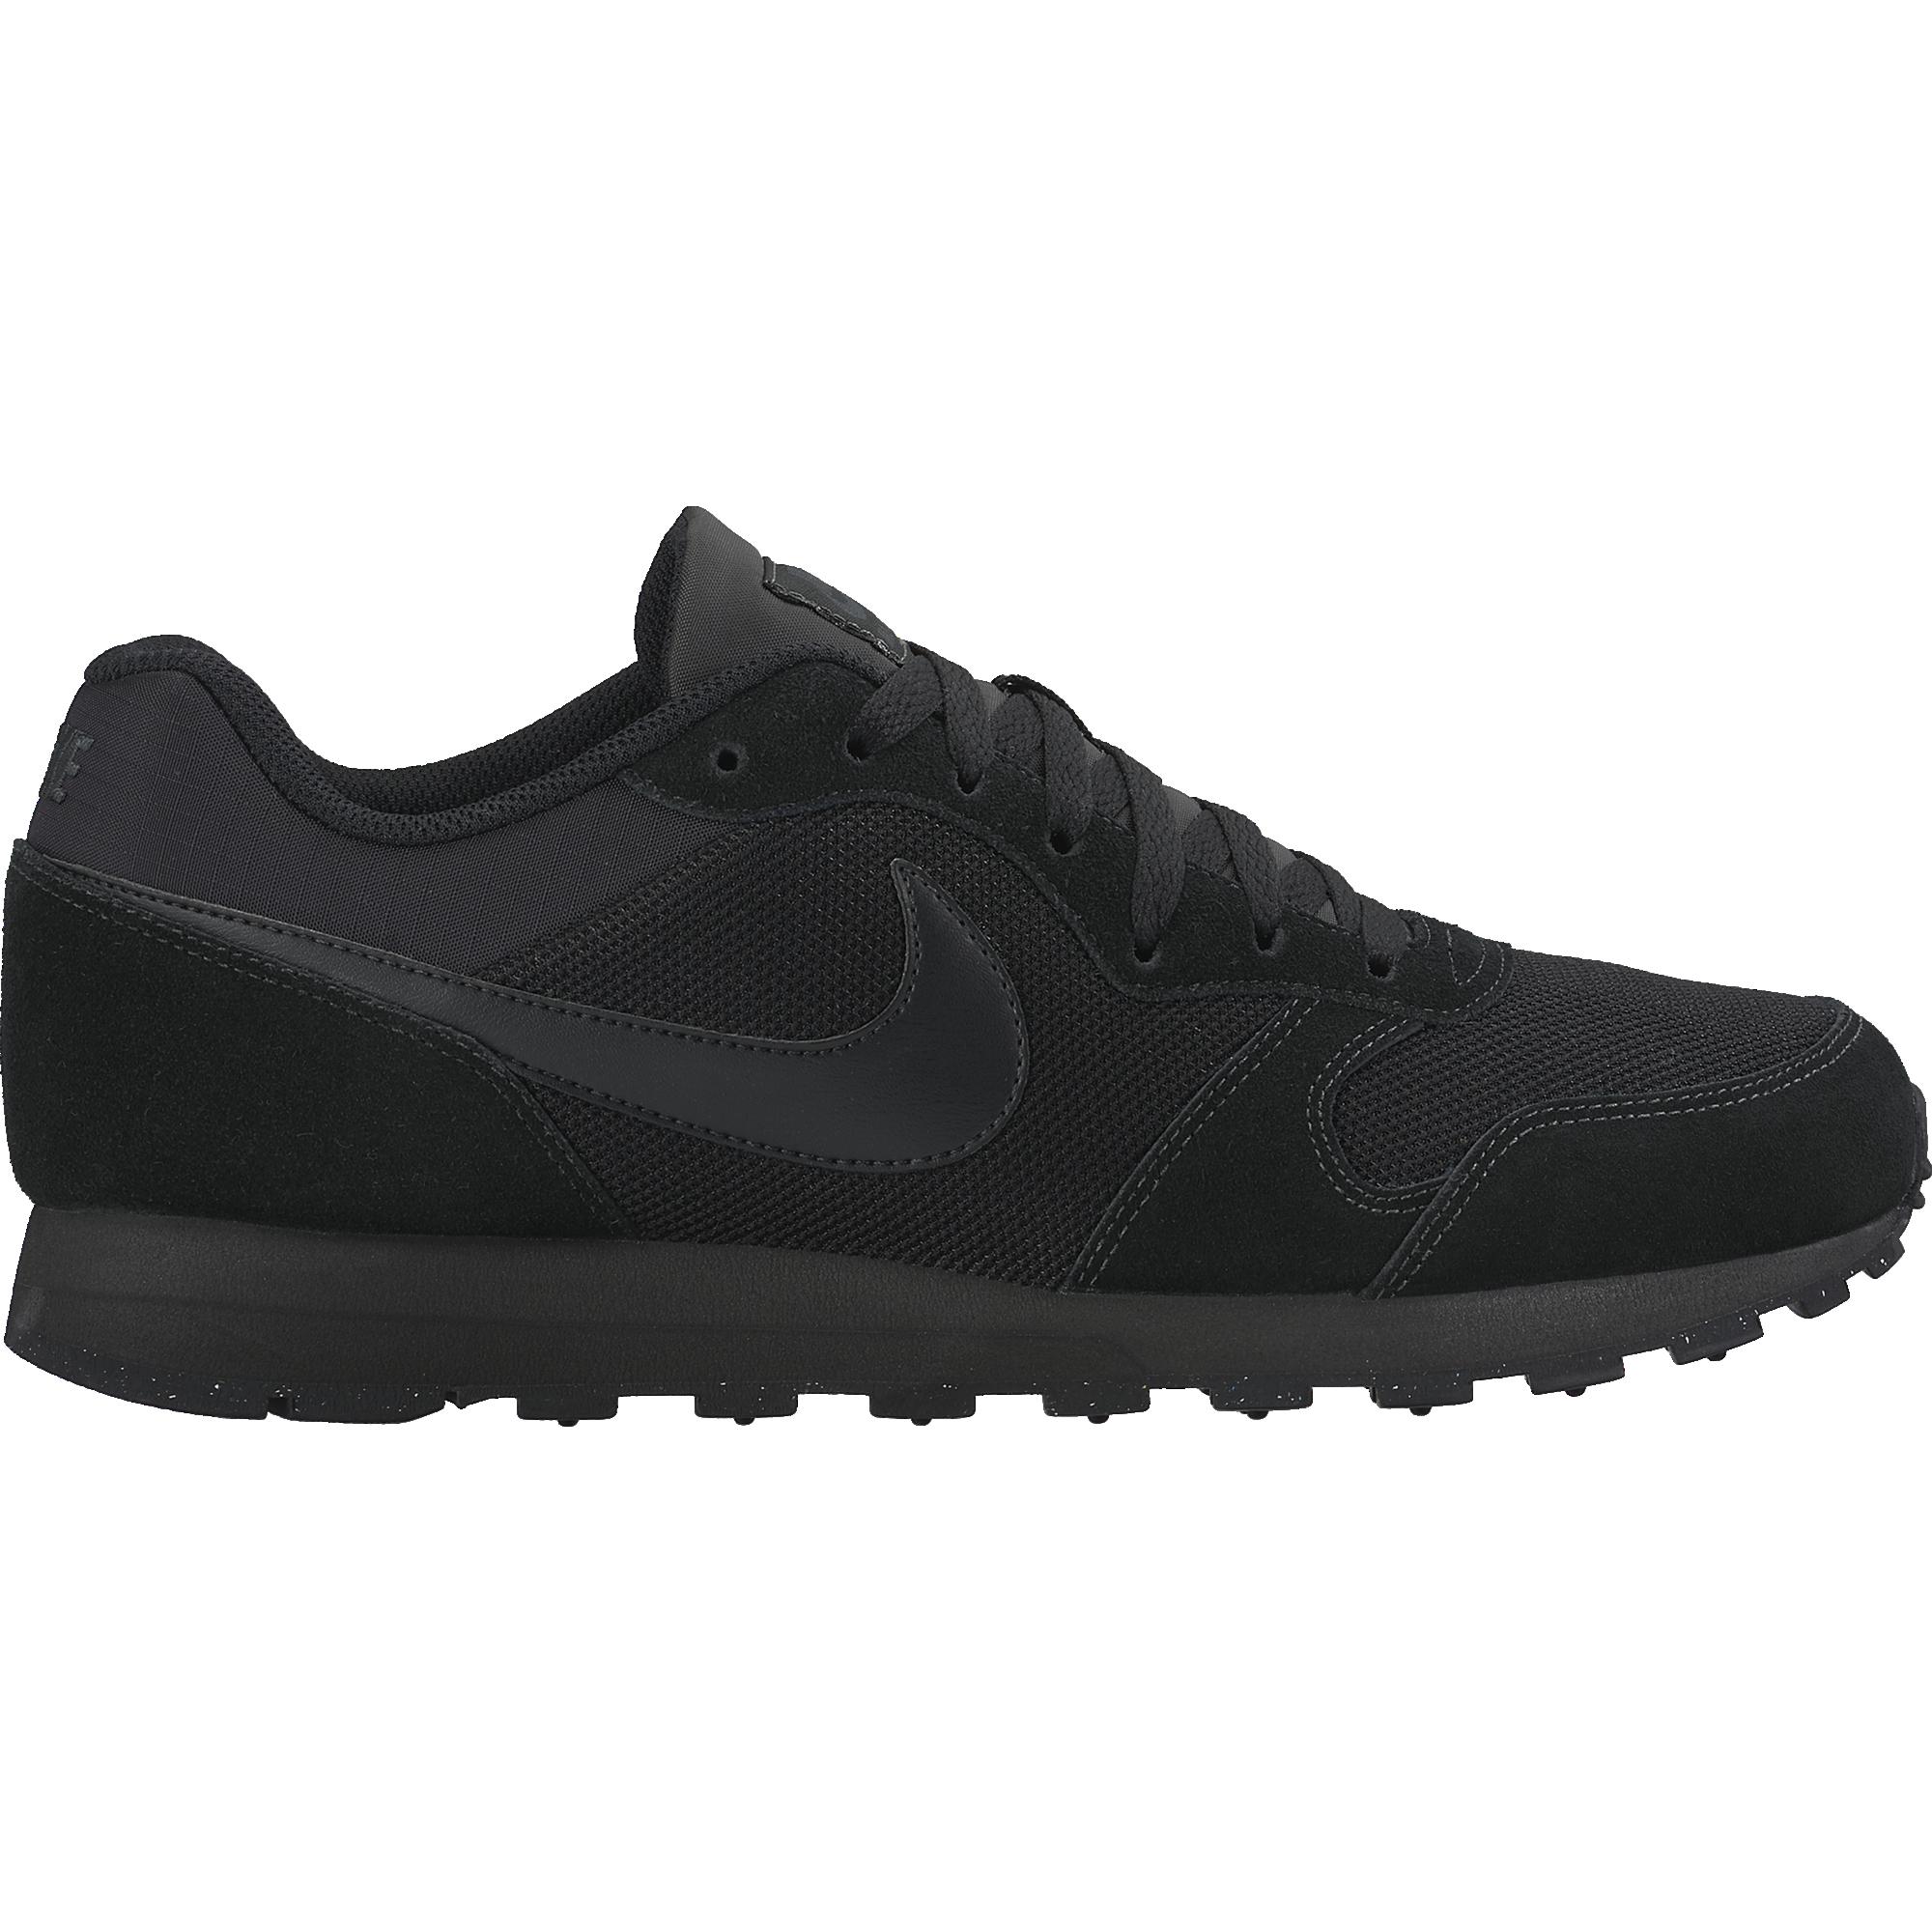 Nike MD Runner 2 FÉrfi Utcai CipŐ 749794-002 Férfi Cipo utcai-cipo ... 7dc19ca209